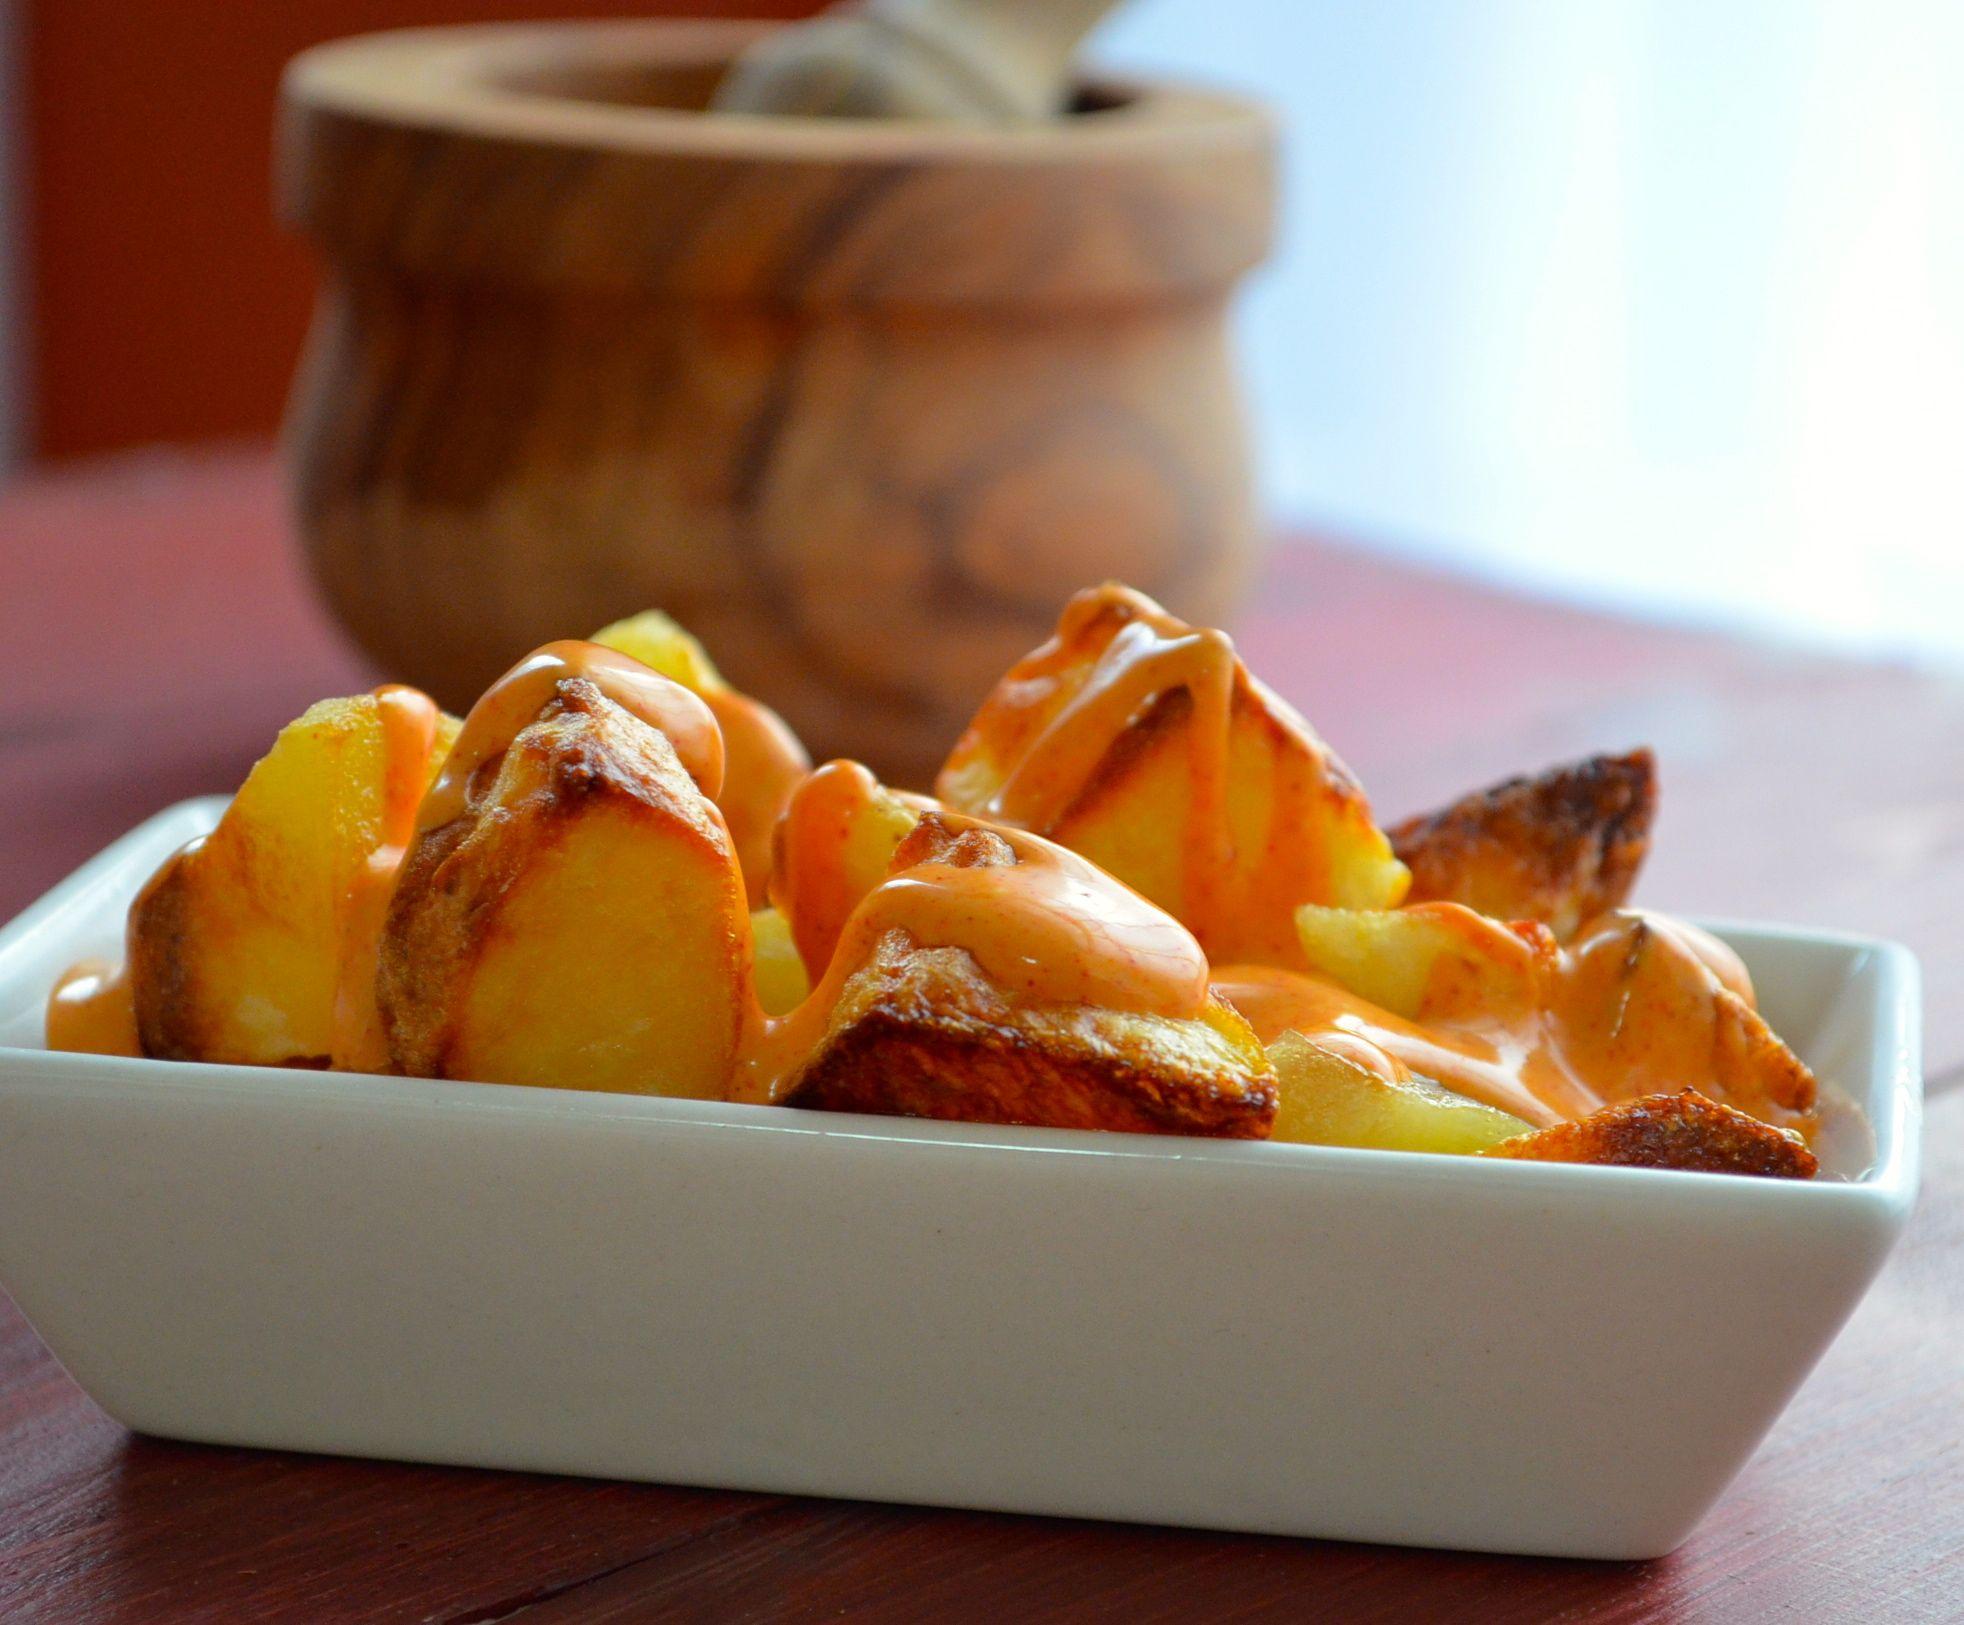 Patatas bravas tapas #recipes #tapas #Spain #vegan #potatoes #kosher